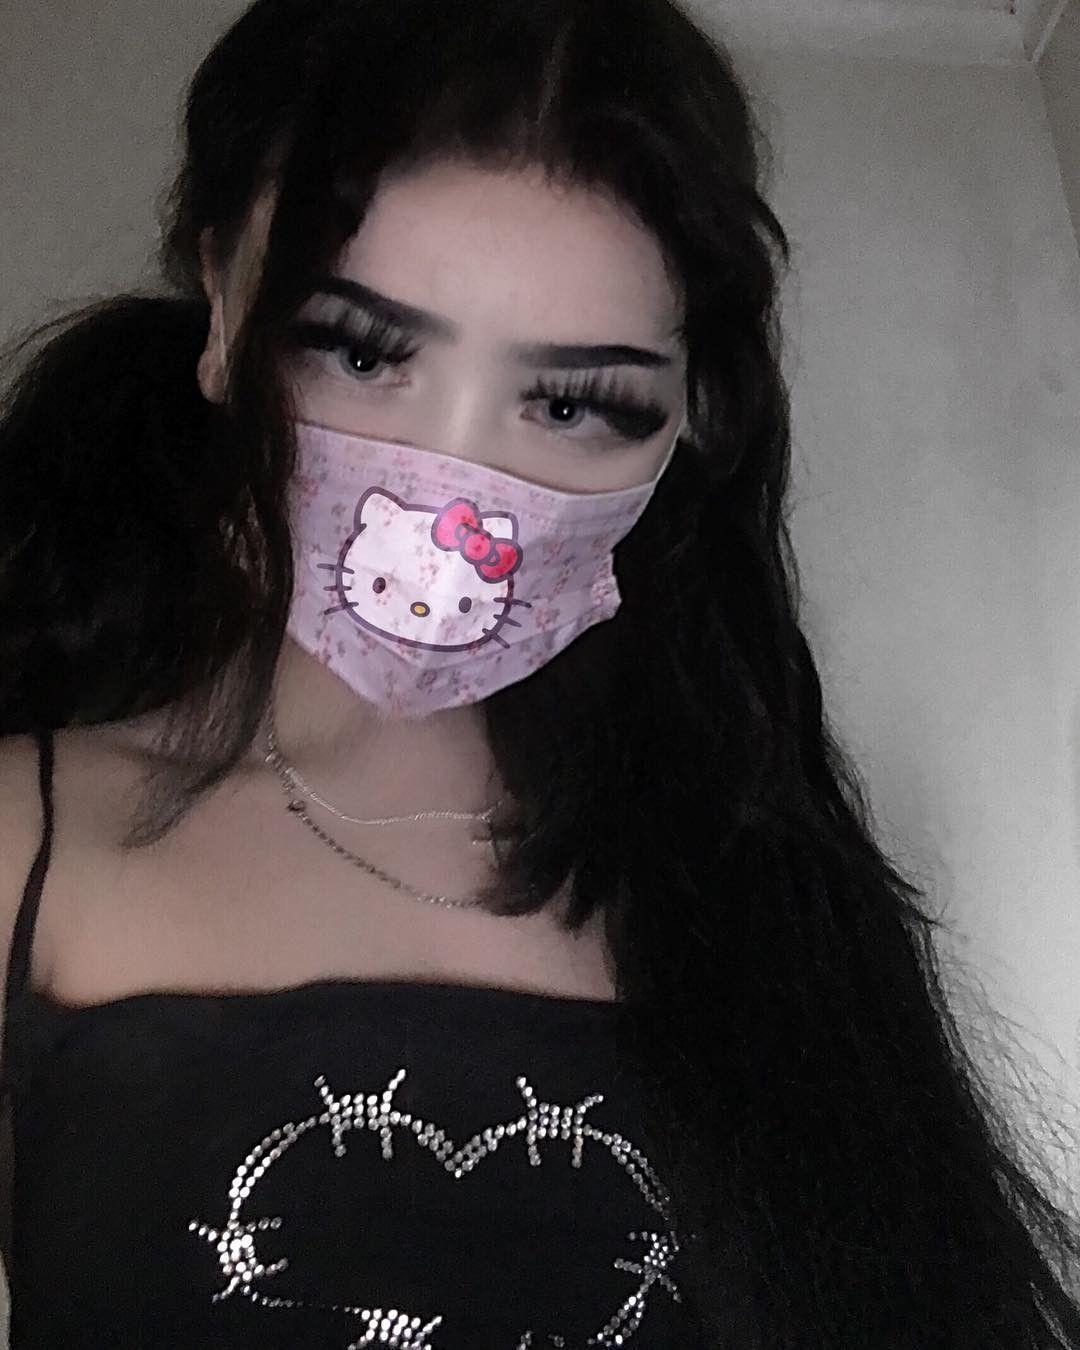 Big nose girl fucking